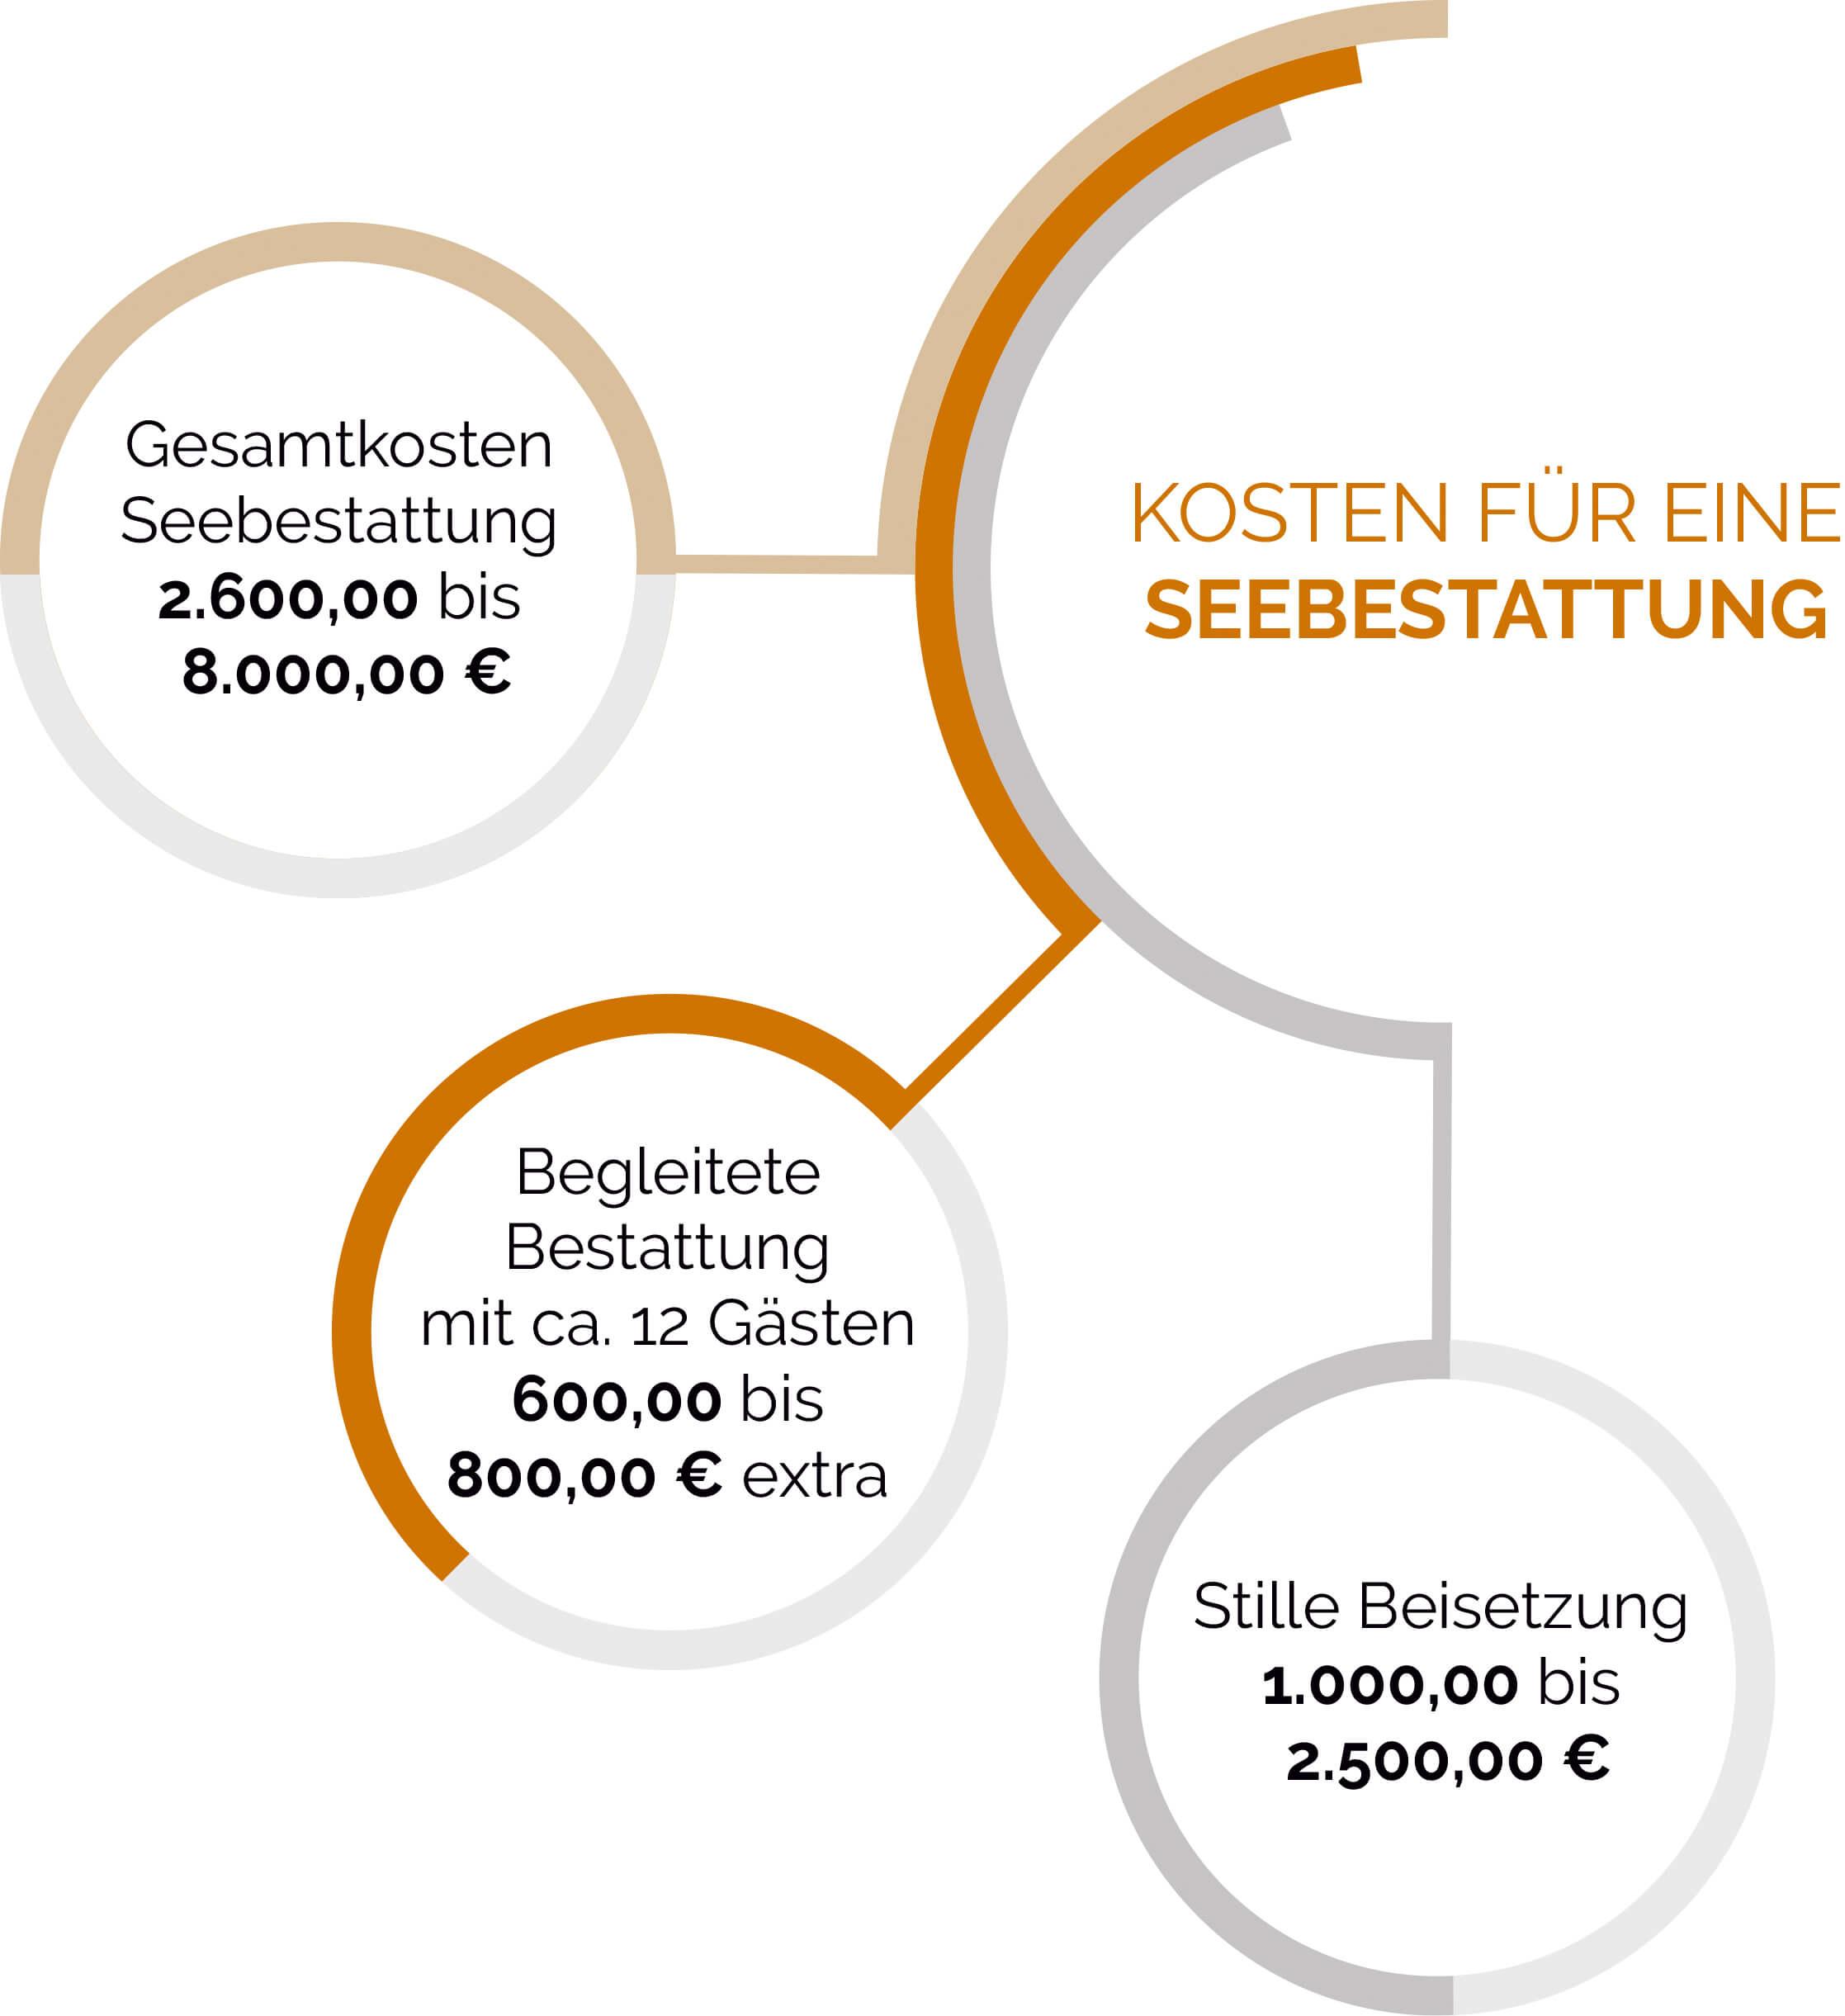 Formen und Kosten einer Seebestattung